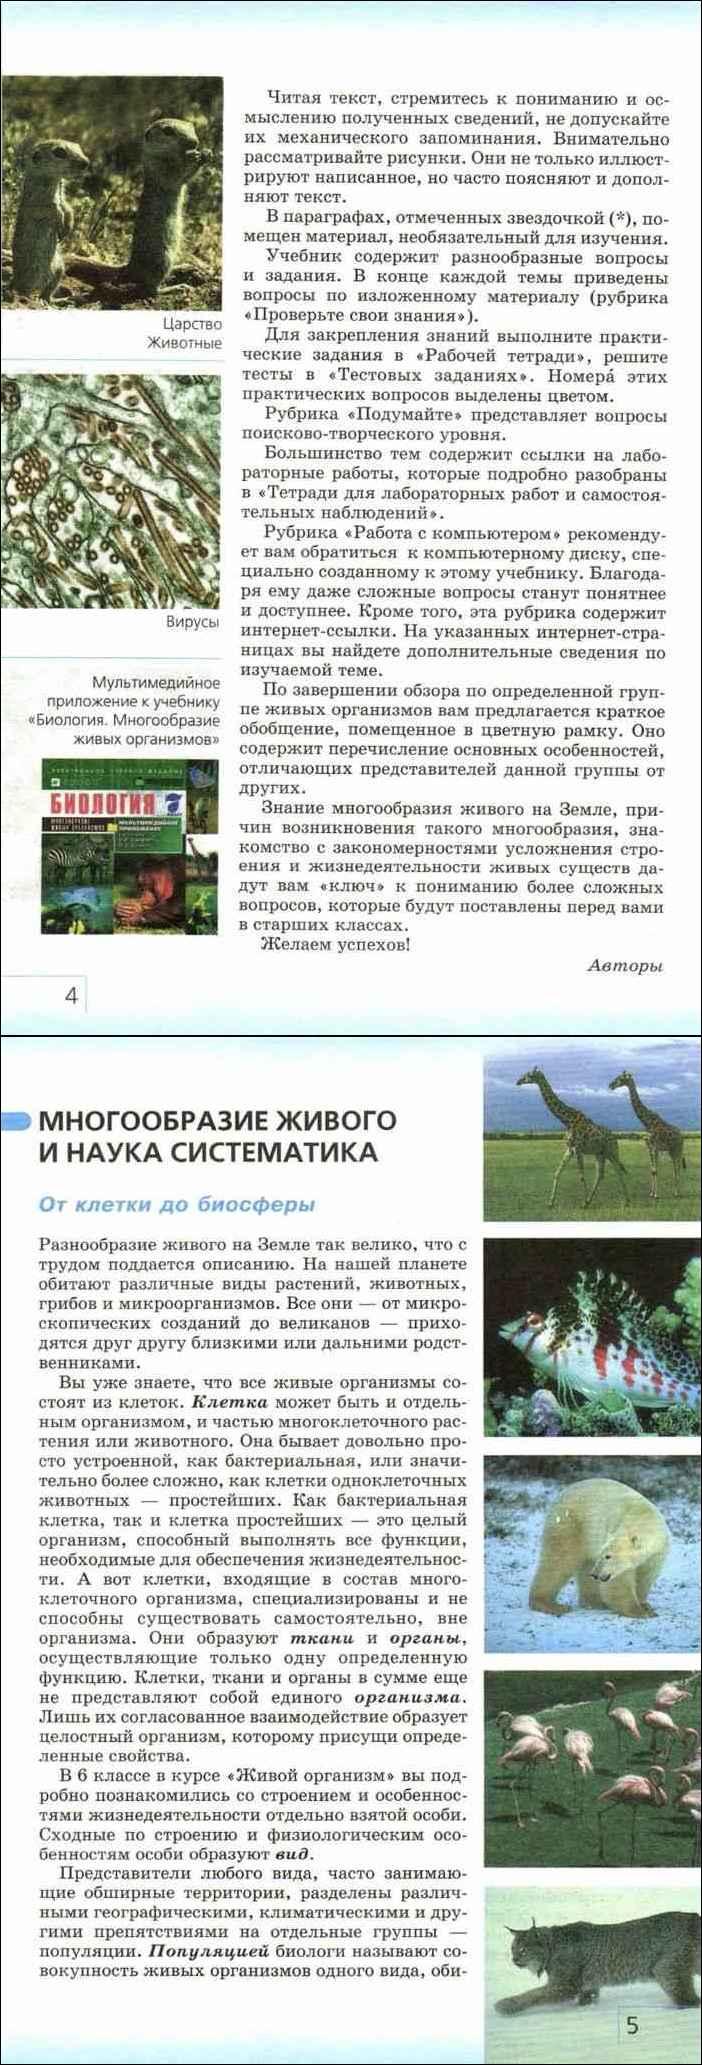 В. И. Сивоглазов, методическое пособие к учебнику в. Б. Захарова.